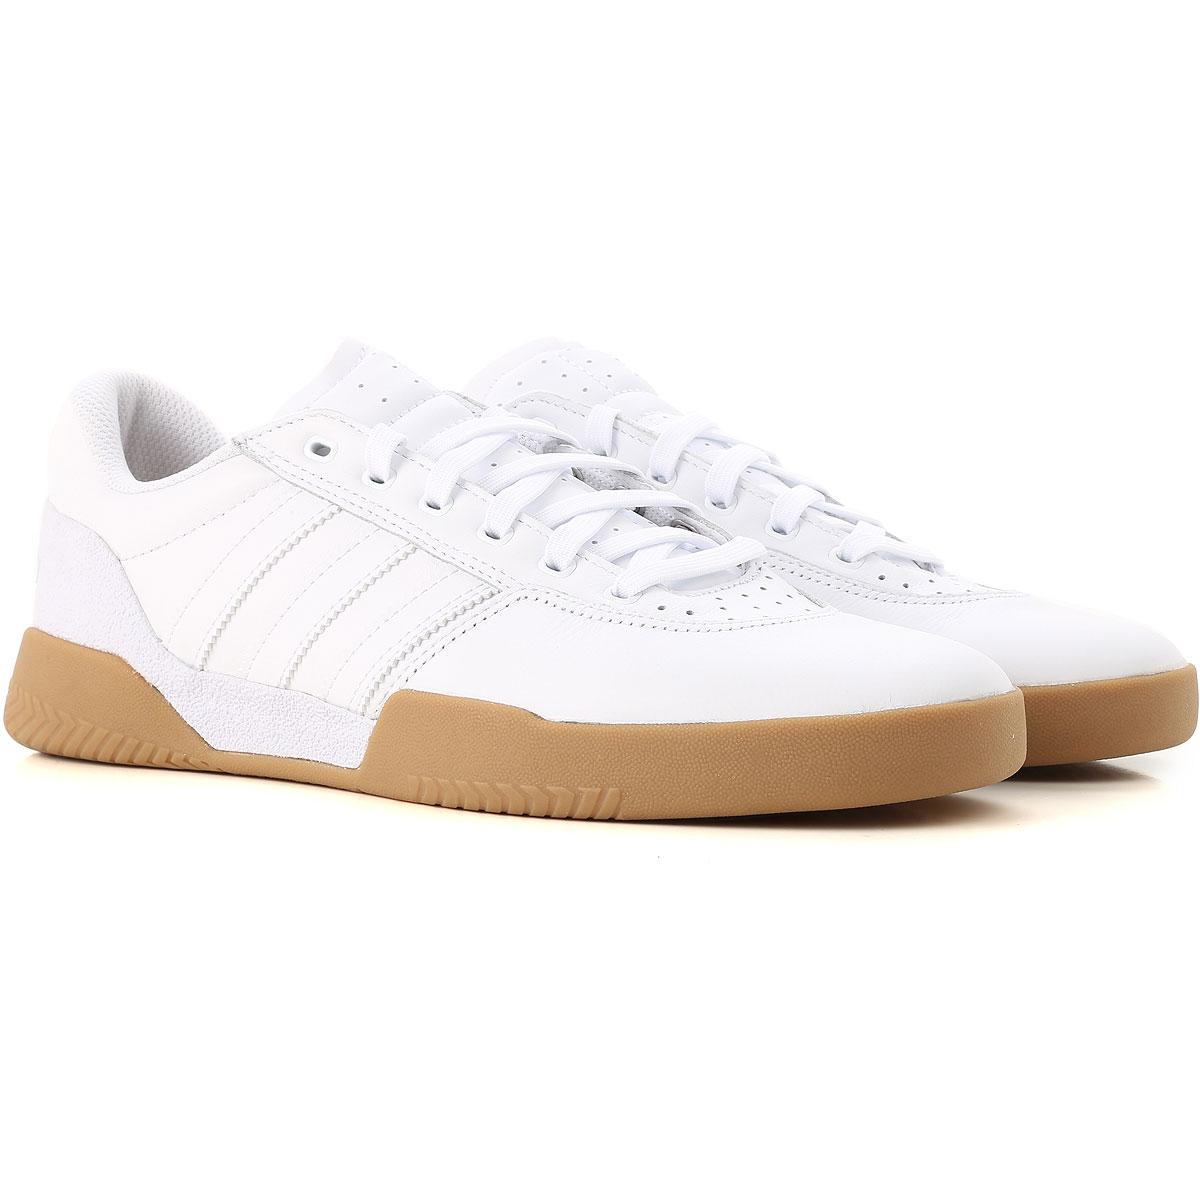 Image of Adidas Sneakers for Men, City Cup, White, Leather, 2017, US 7 - UK 6 - EUR 40 US 8 - UK 7.5 - EU 41 US 8 1/2 - UK 8 - EU 42 US 9.5 - UK 9 - EU 43 US 10 - UK 9 1/2 - EU 44 US 11 - UK 10 1/2 - EU 45